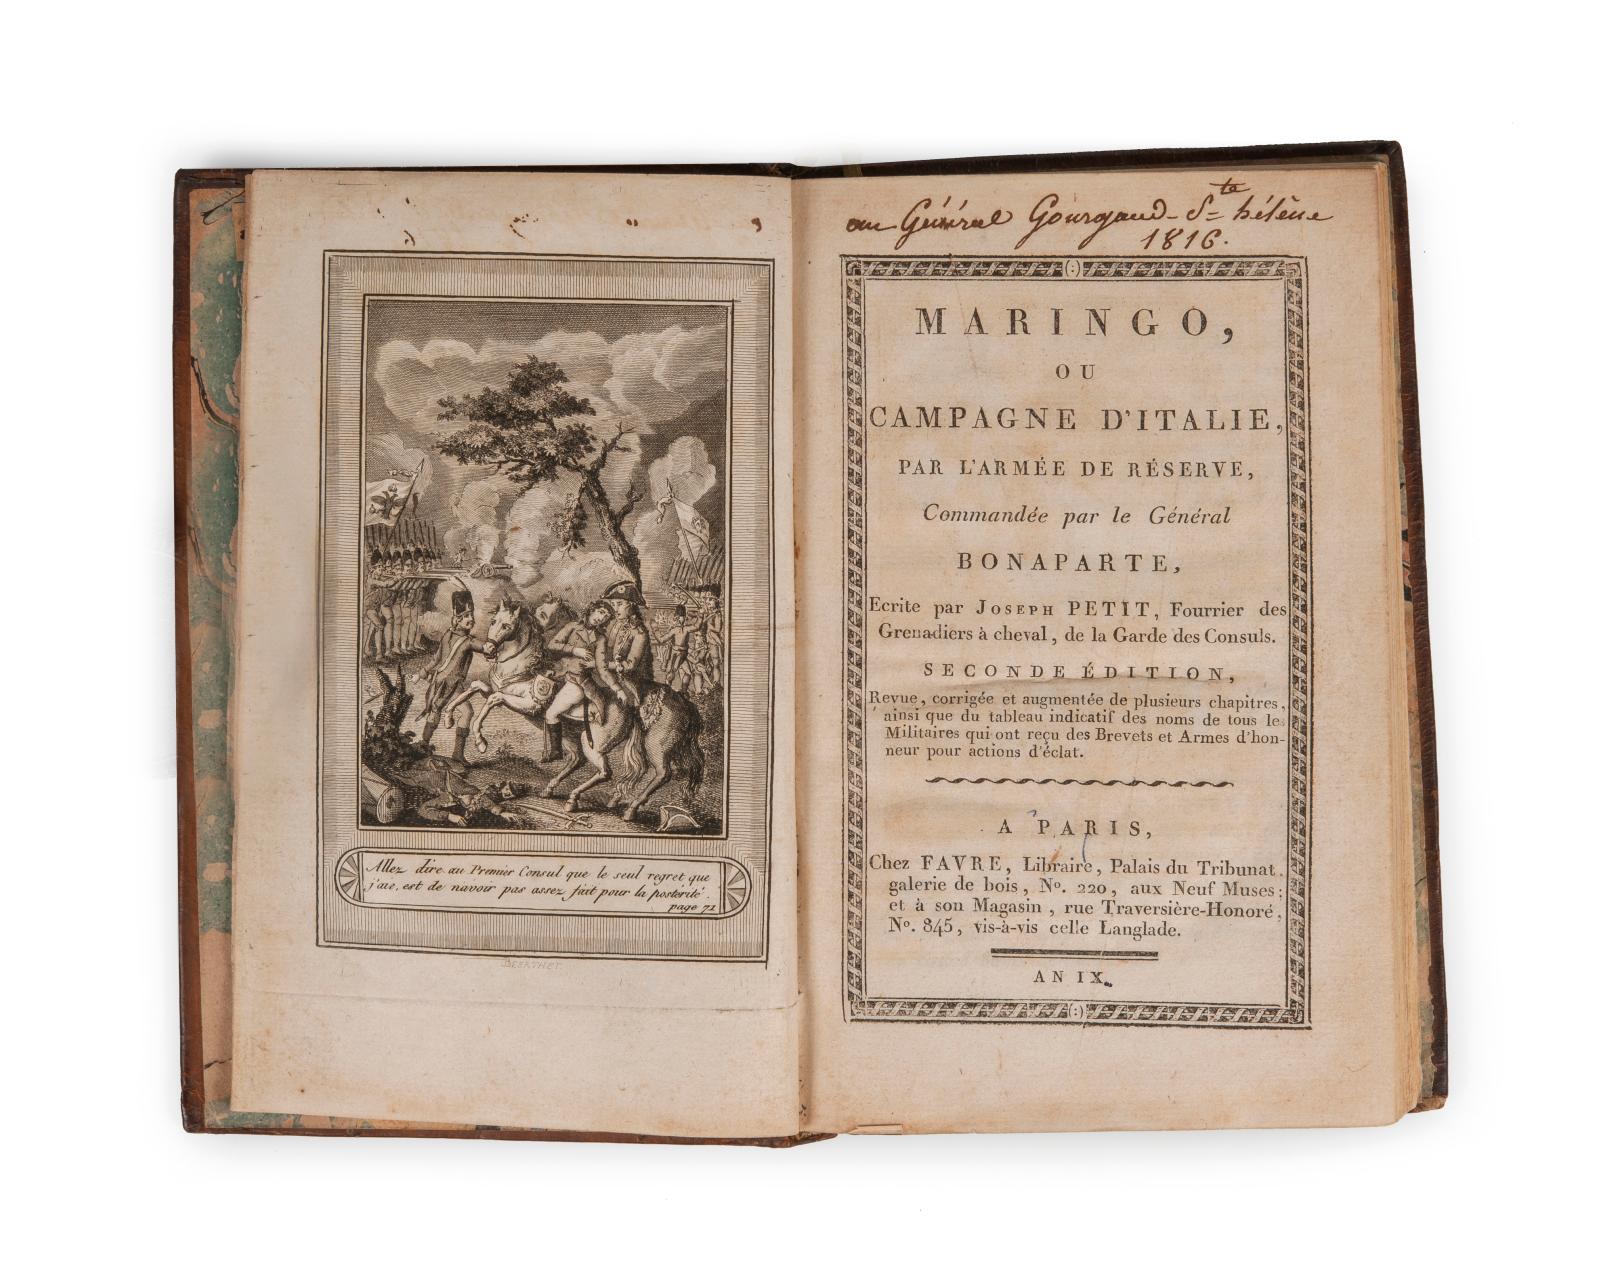 Joseph Petit, Maringo, ou Campagne d'Italie, par l'armée de réserve, Commandée par le Général Bonaparte, Paris, anIX.Reliure aux armes d